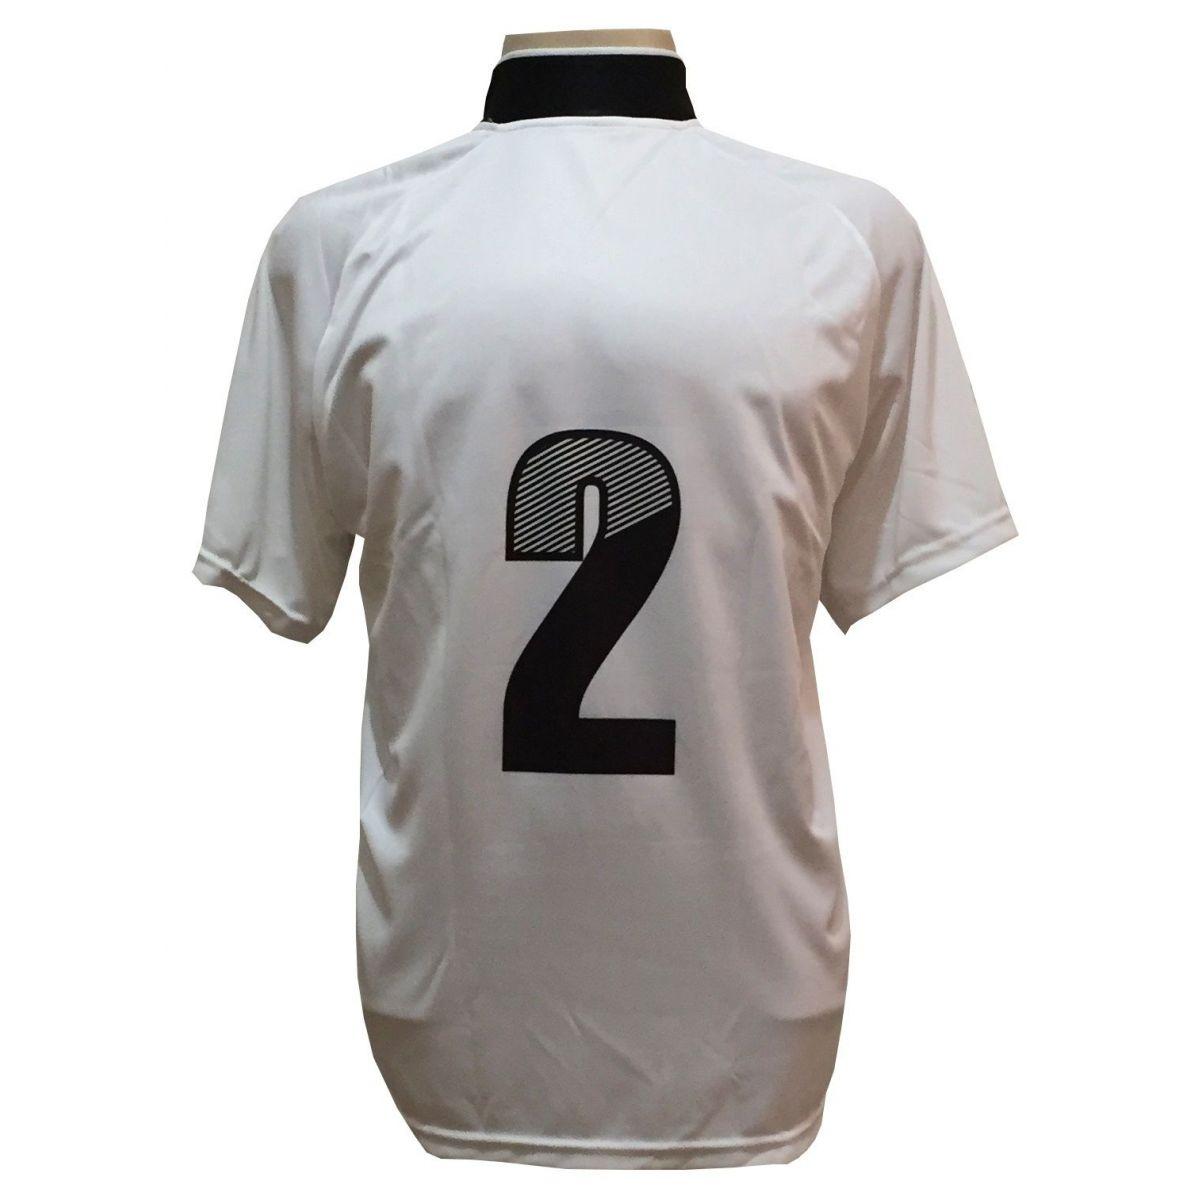 Uniforme Esportivo com 18 camisas modelo Milan Branco/Preto + 18 calções modelo Copa + 1 Goleiro + Brindes